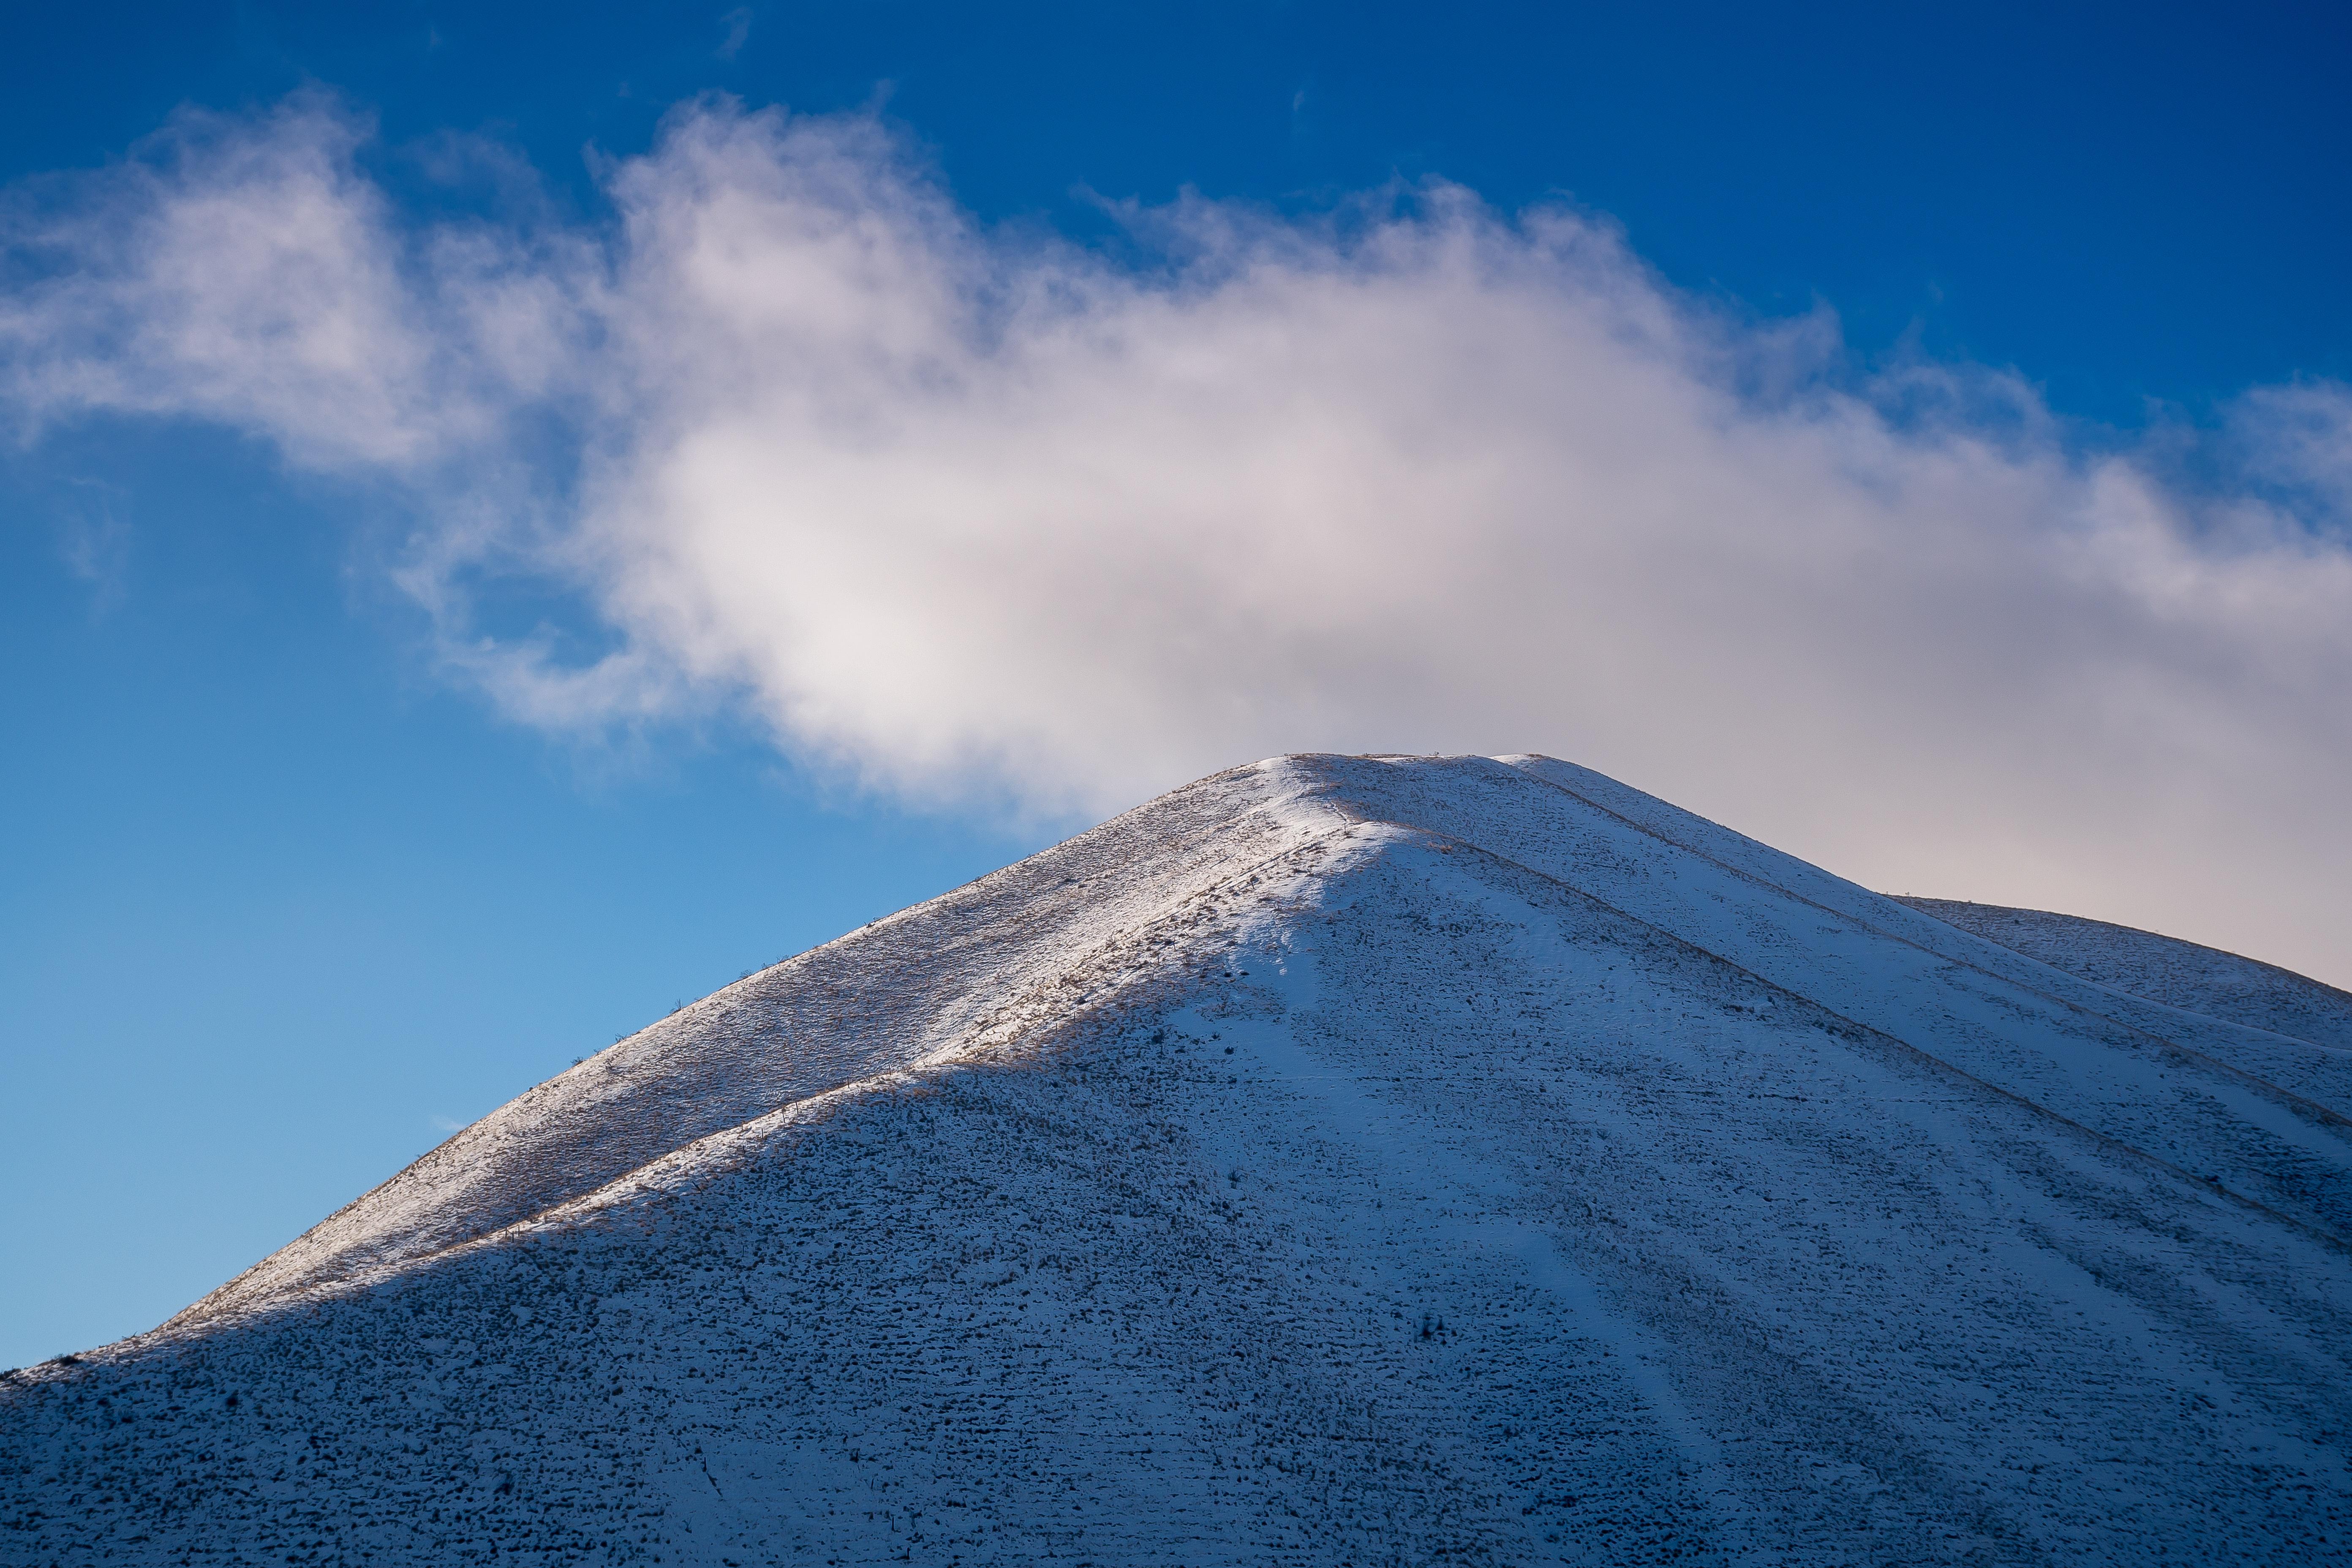 無料画像 冒険 高度 青空 登る 雲 コールド 夜明け 昼光